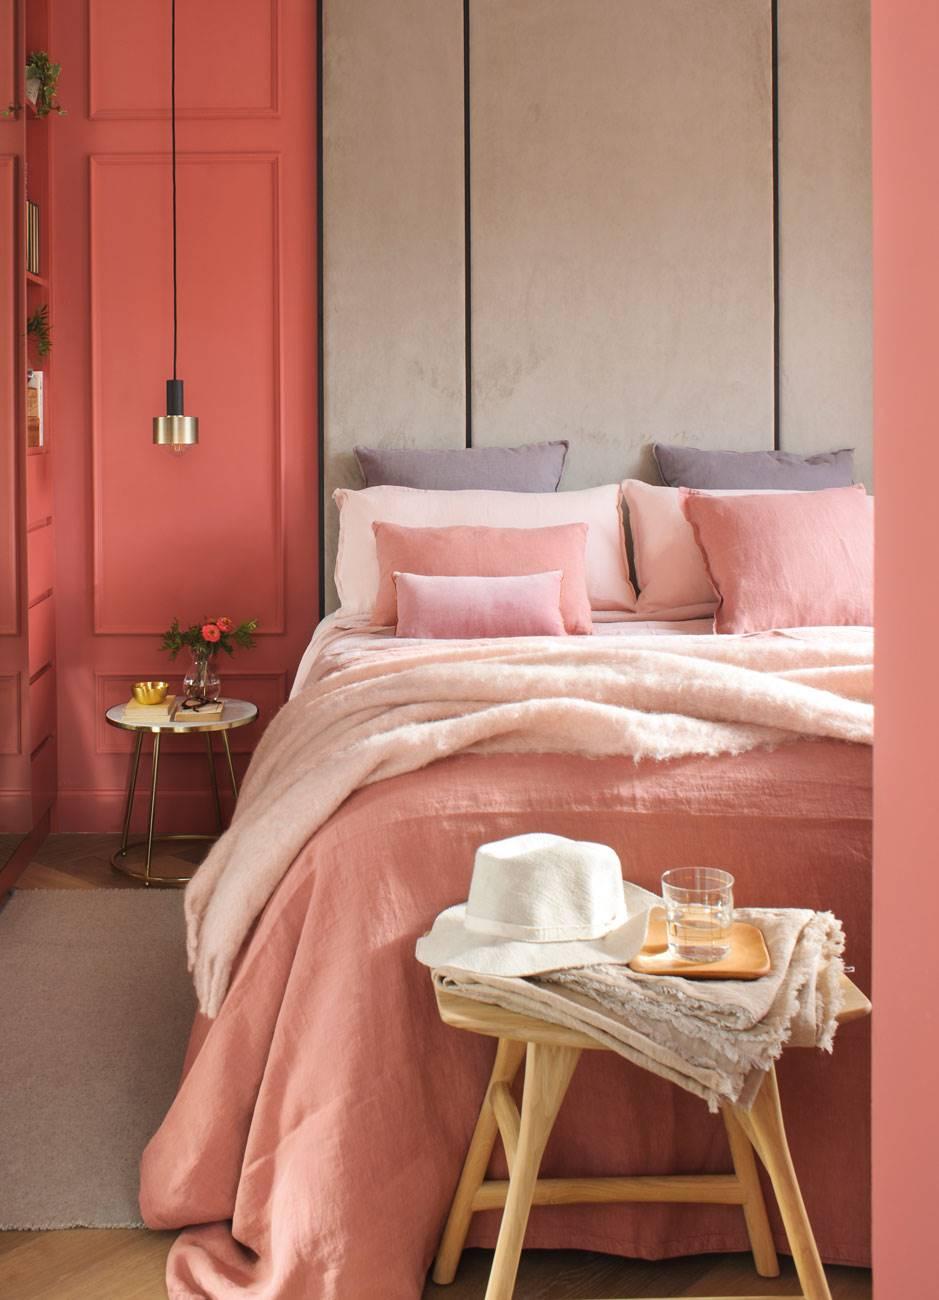 dormitorio-en-tonos-rosas 470676. Romántico y del siglo XXI